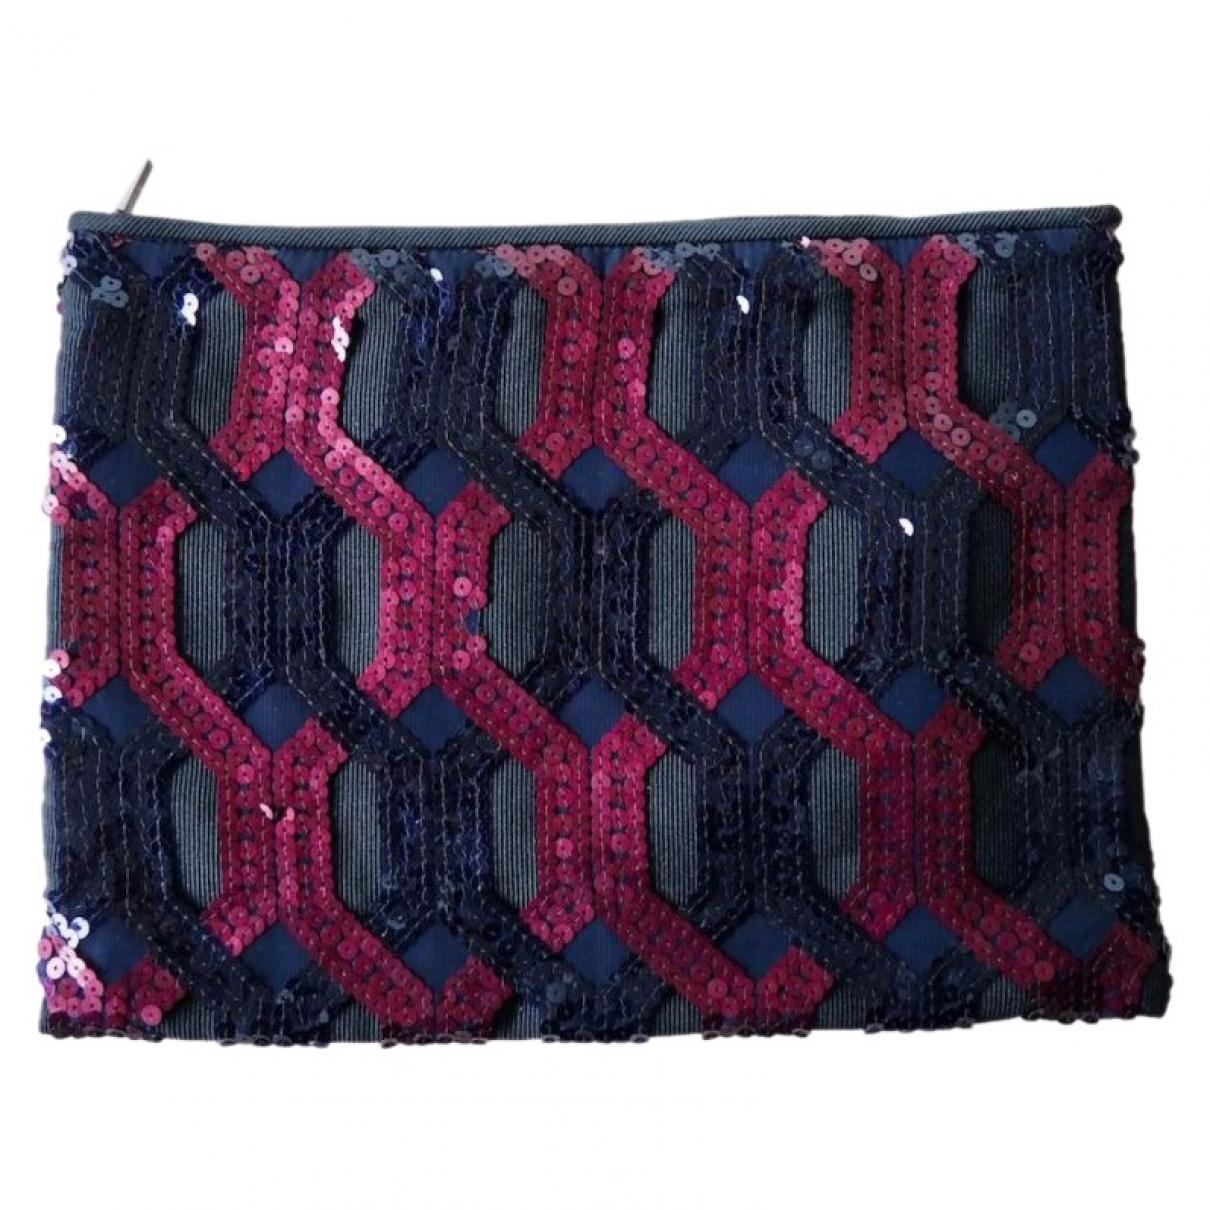 Miu Miu \N Multicolour Glitter Clutch bag for Women \N